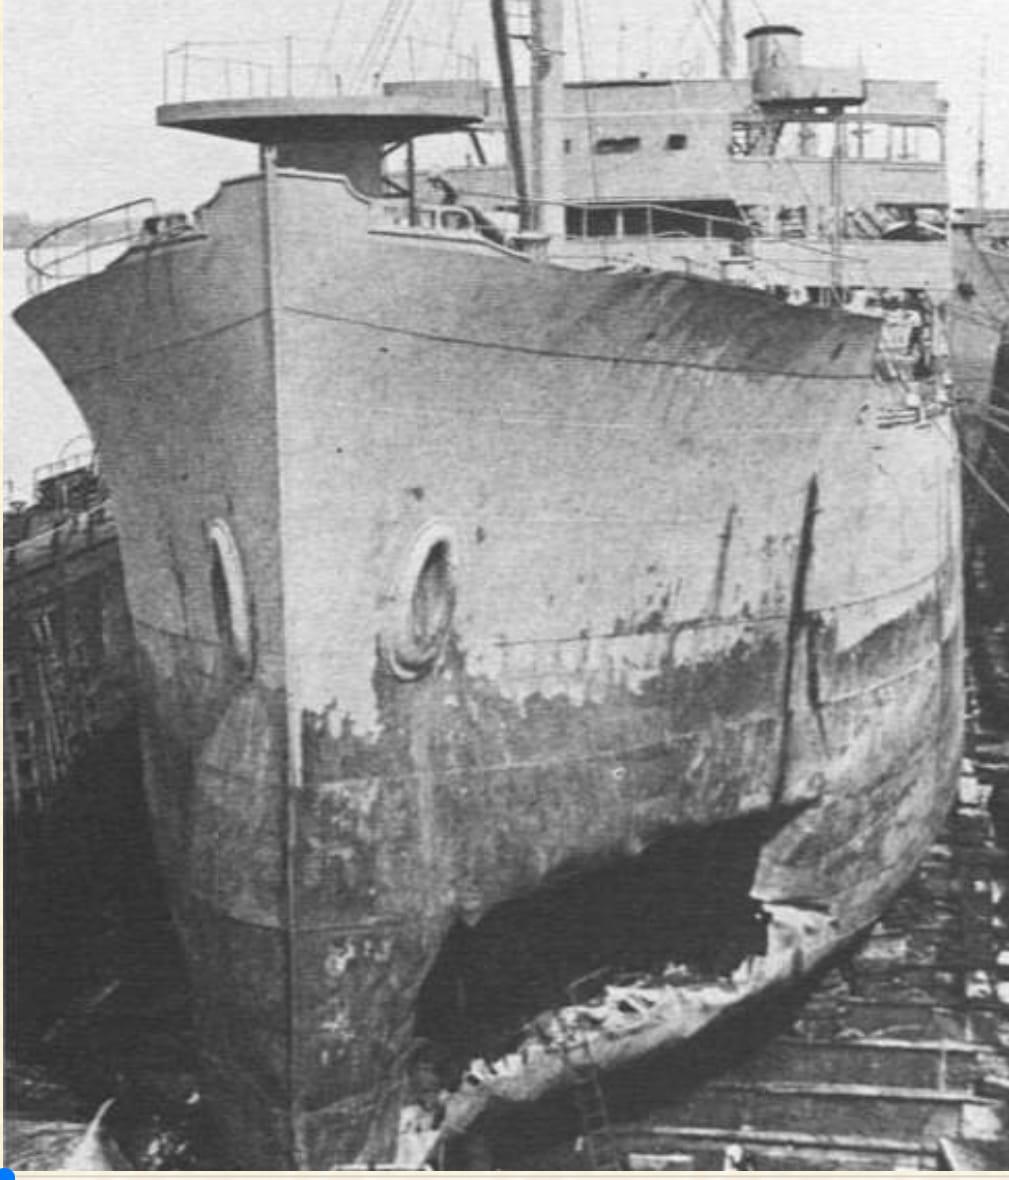 SS SUN Drydocked at Sun Ship May 1942 Torpedo Damage.jpg